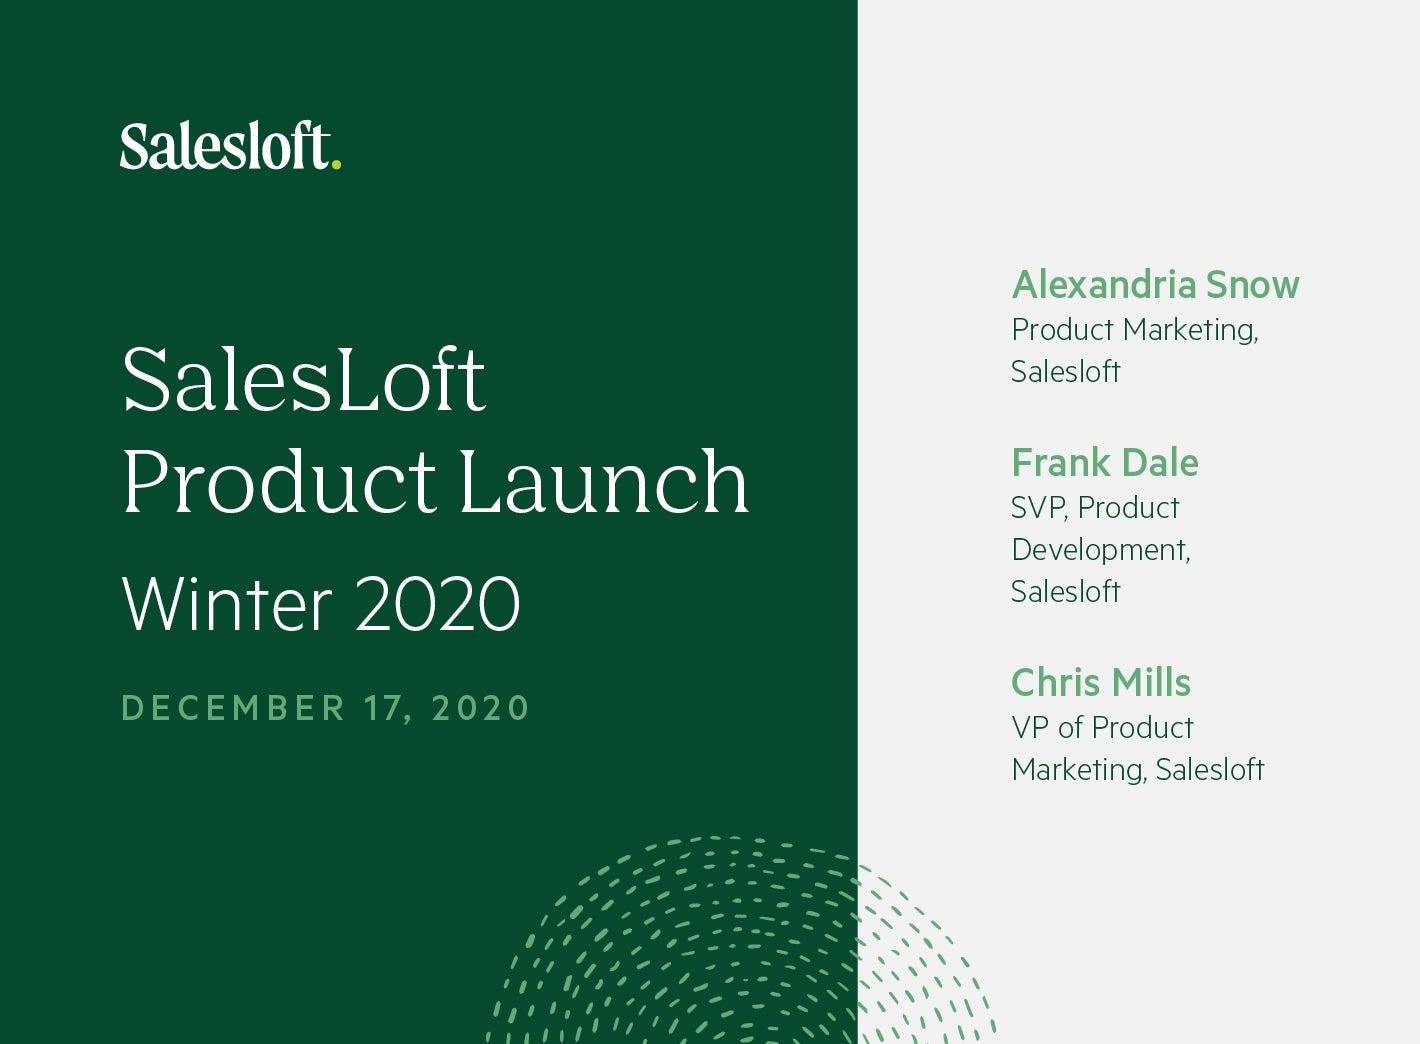 SalesLoft Product Launch (Winter 2020)